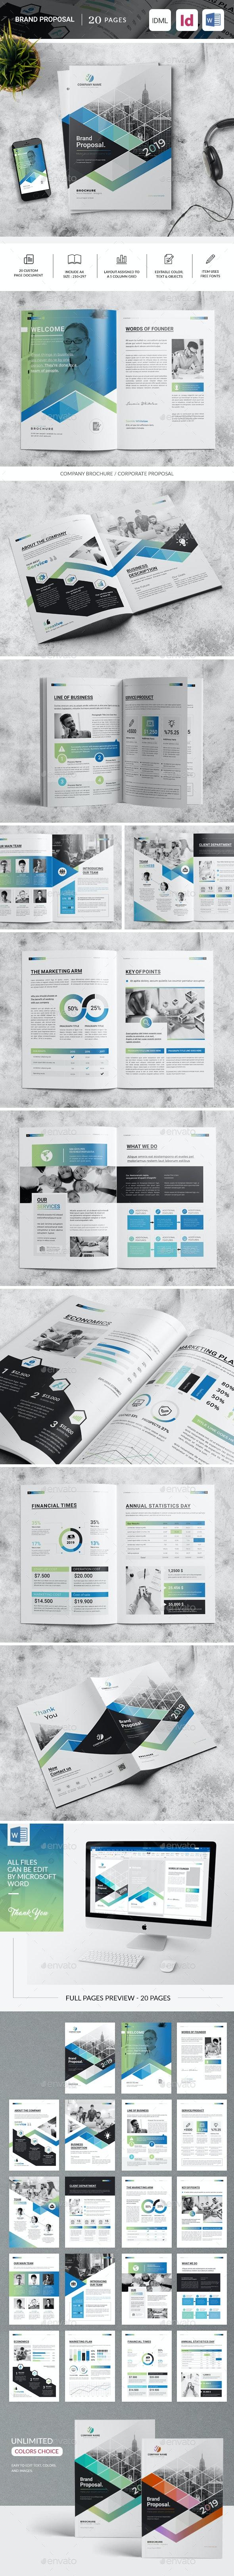 Brand Proposal - Corporate Brochures